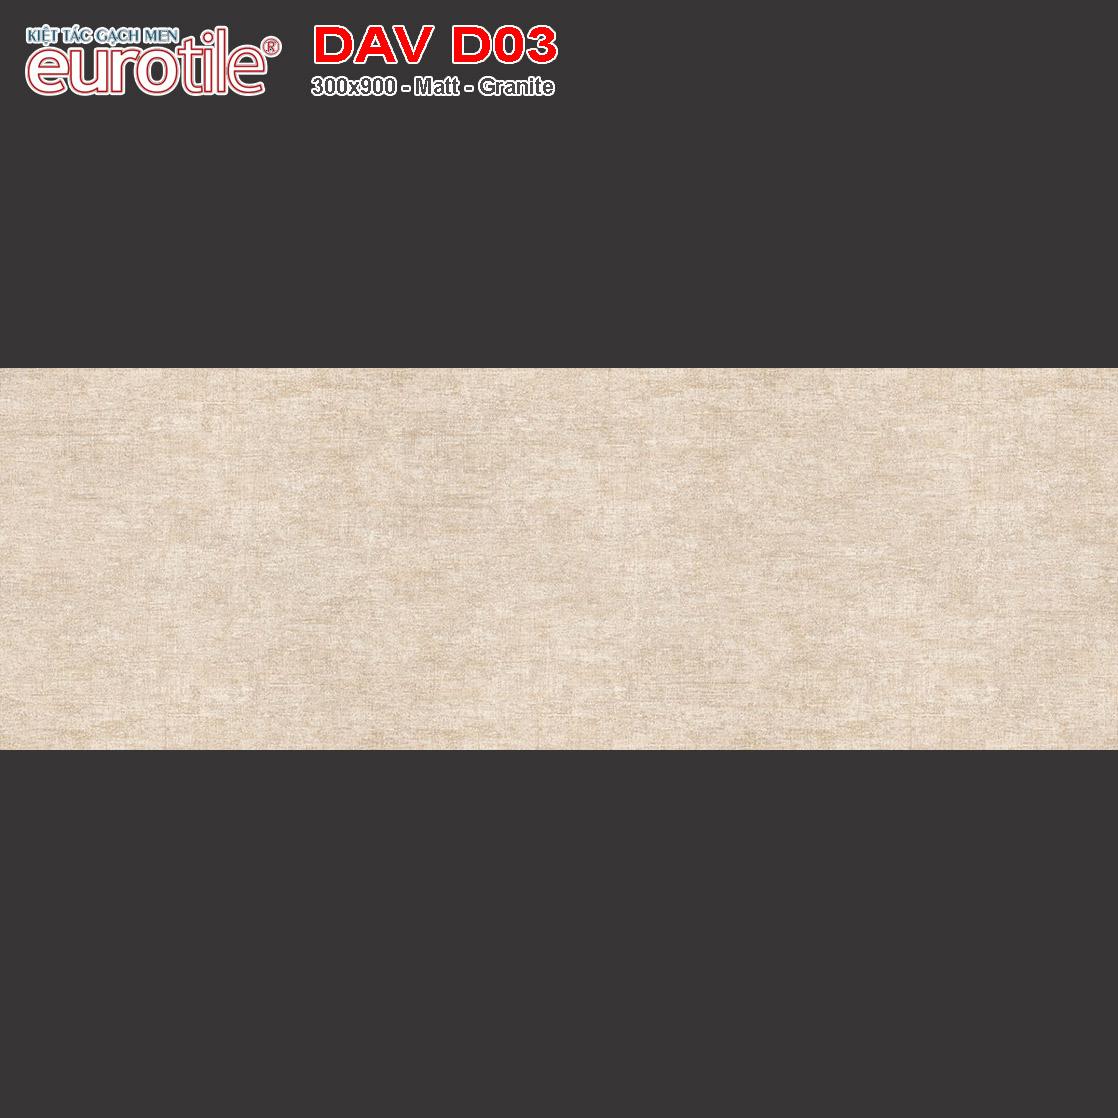 Gạch ốp lát 300x900 Eurotile Đan Vi DAV D03 giá rẻ